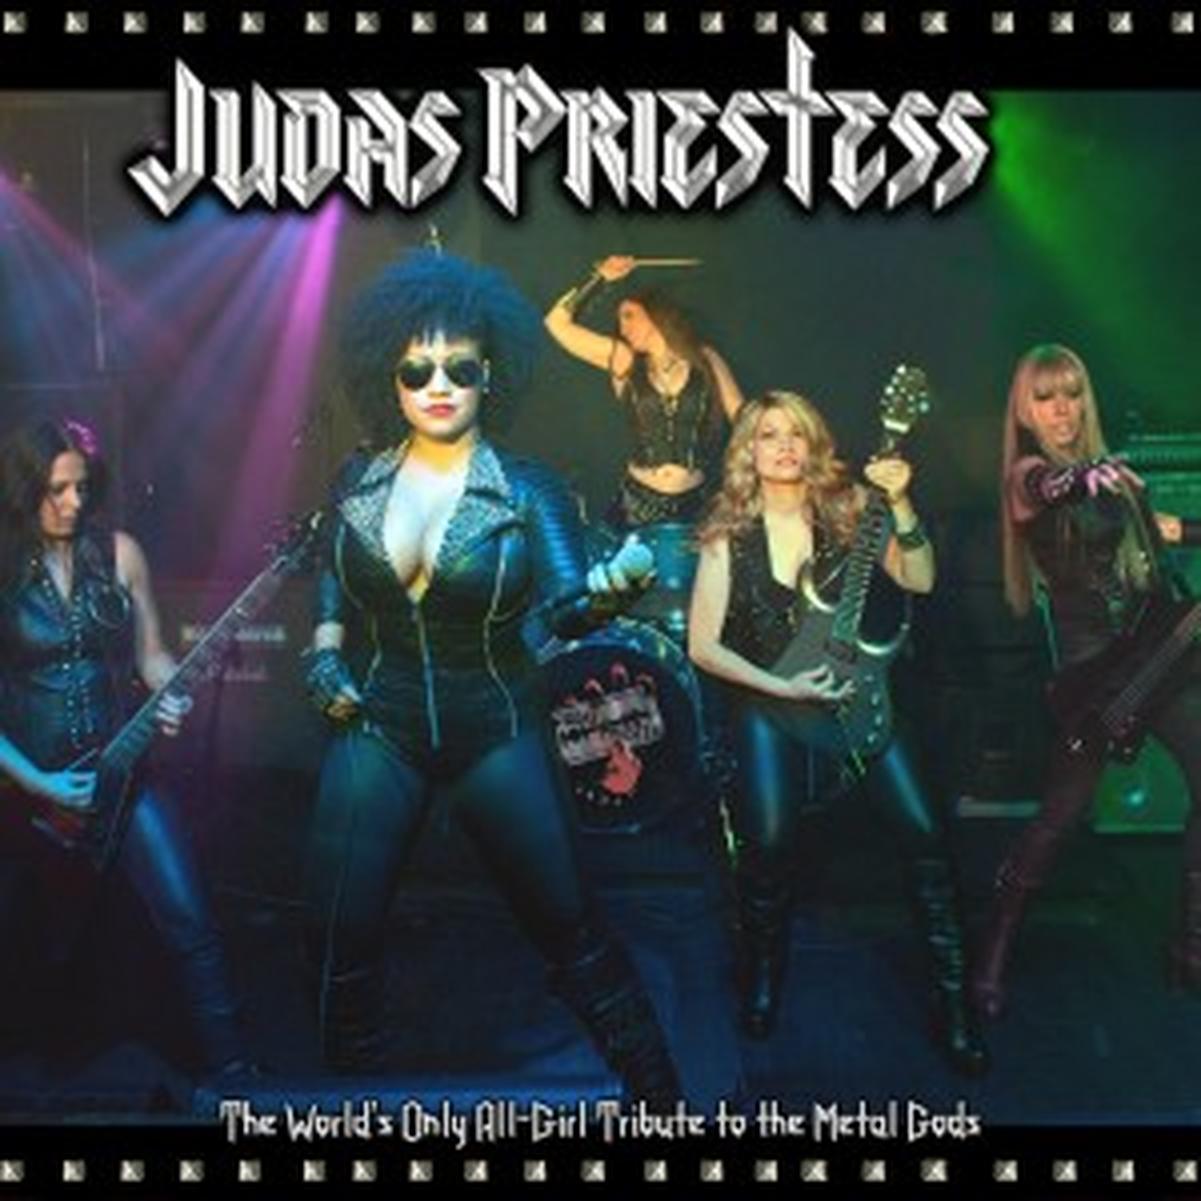 Judas_Priestess